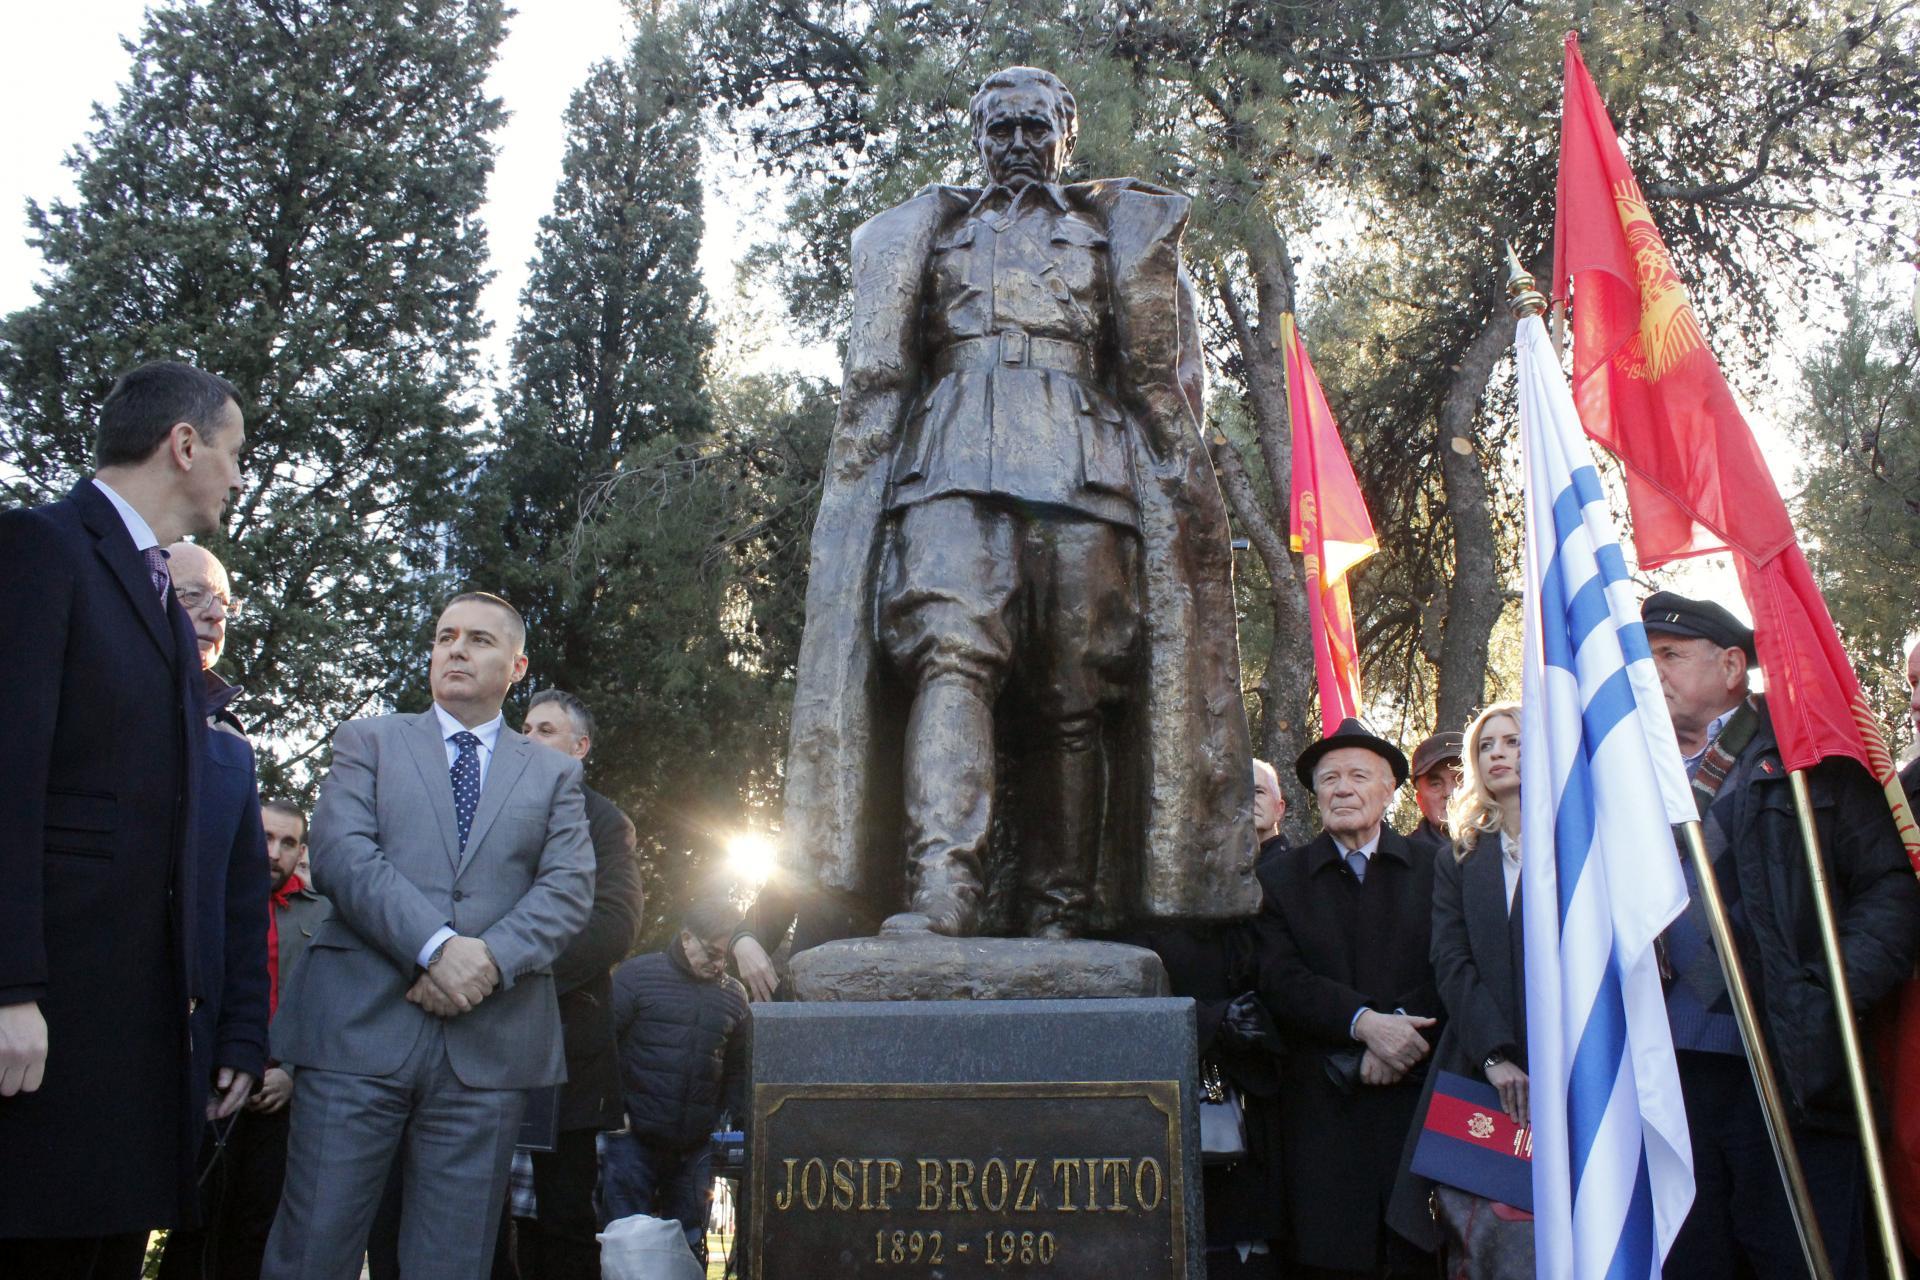 Otkrivanje spomenika Josipu Brozu Titu, Podgorica, 19. decembar 2018. (Foto: Anadolija)